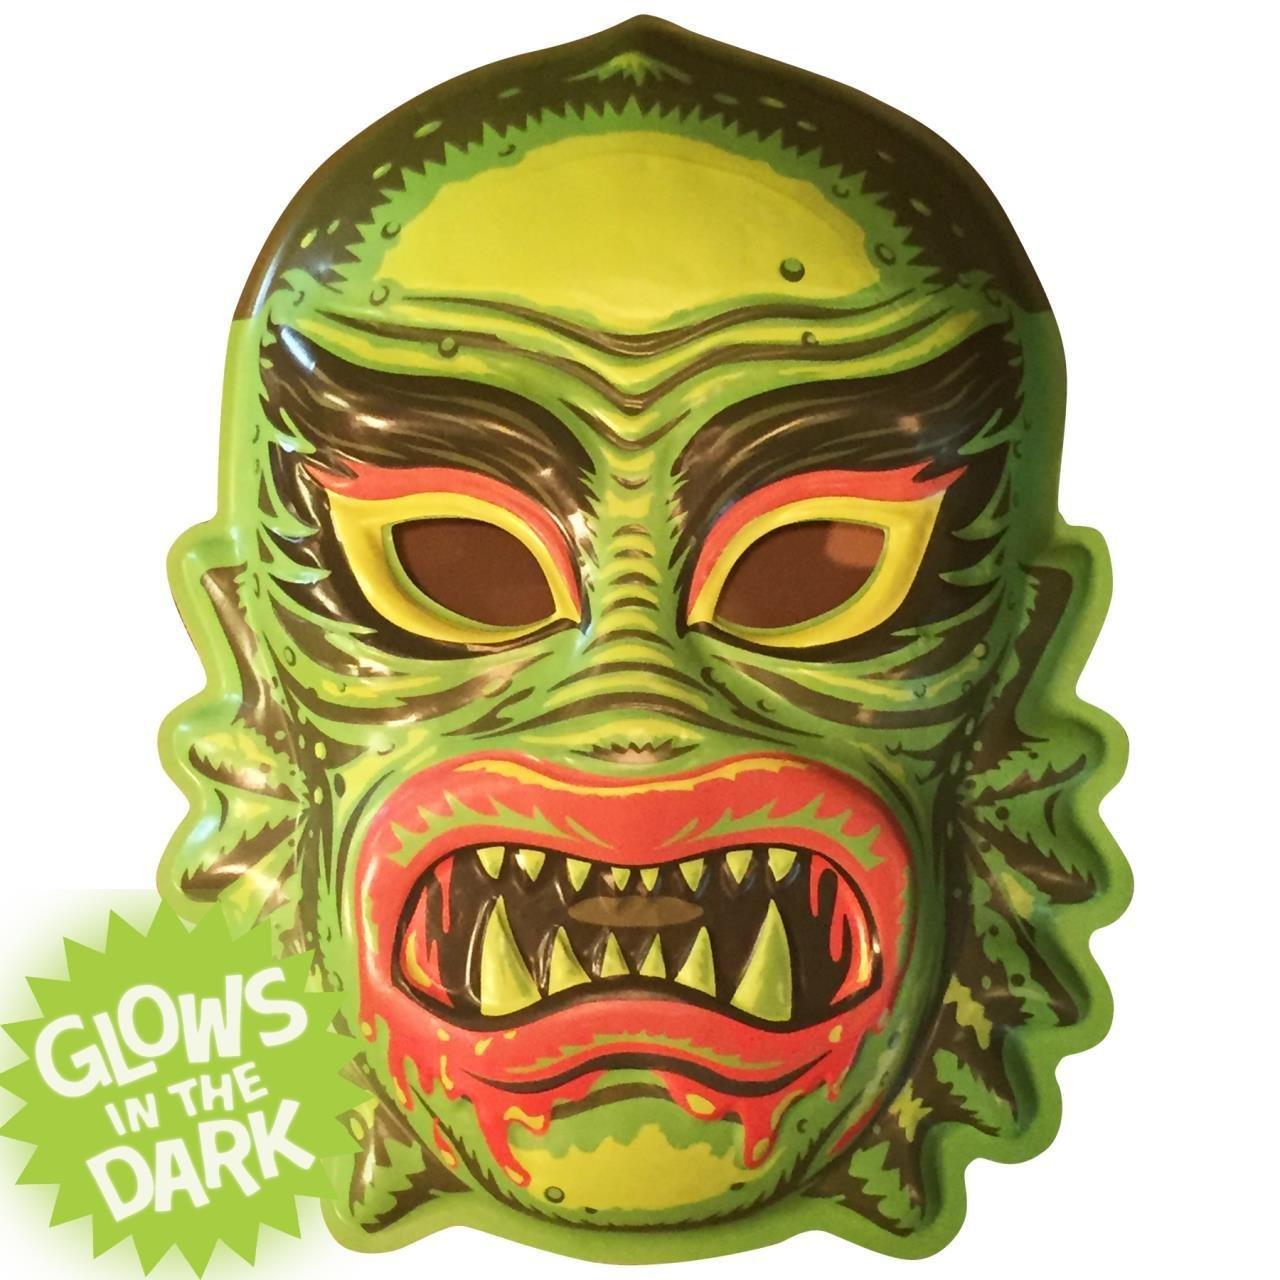 Retro-a-go-go! 4308 Fish Face VAC-Tactic Plastic Mask Wall Decor ...